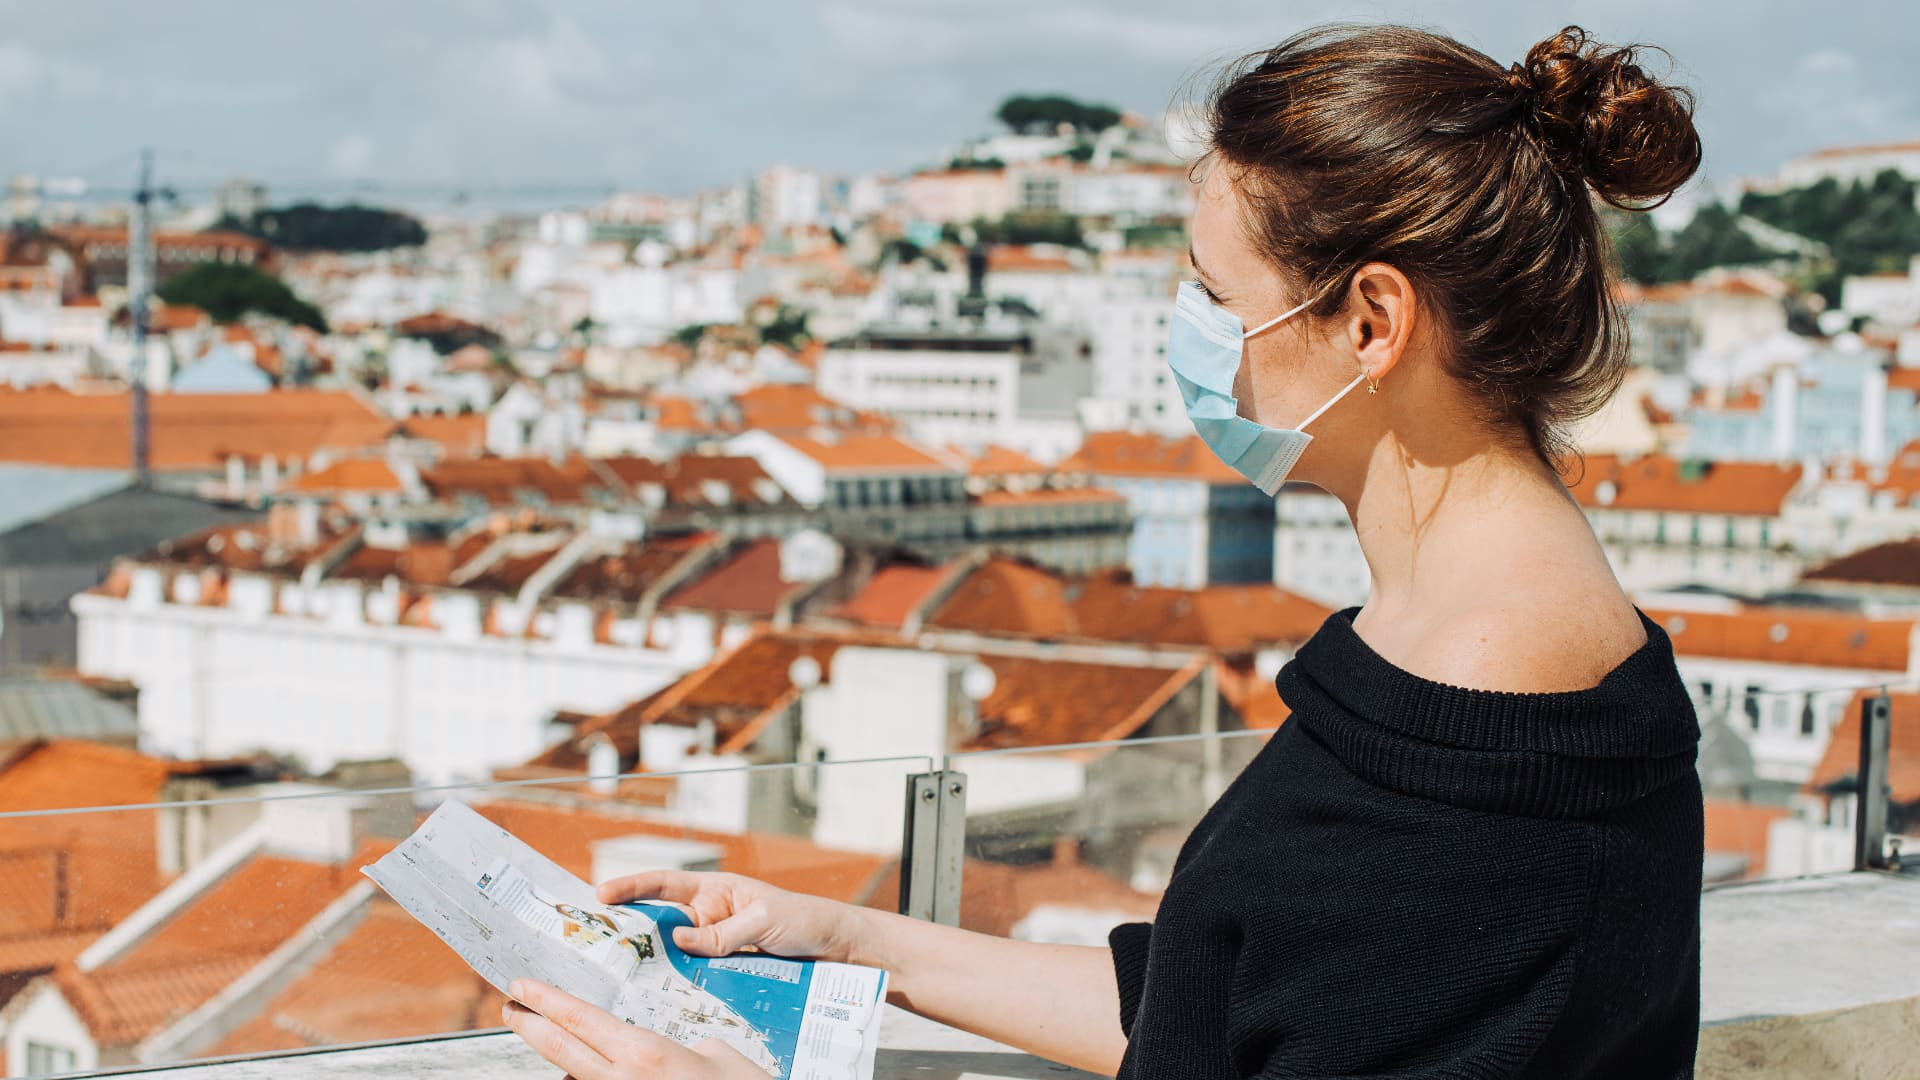 I Jornadas Piaget do Património: Revitalização do Turismo Cultural no Contexto Pandémico e Pós-Pandémico